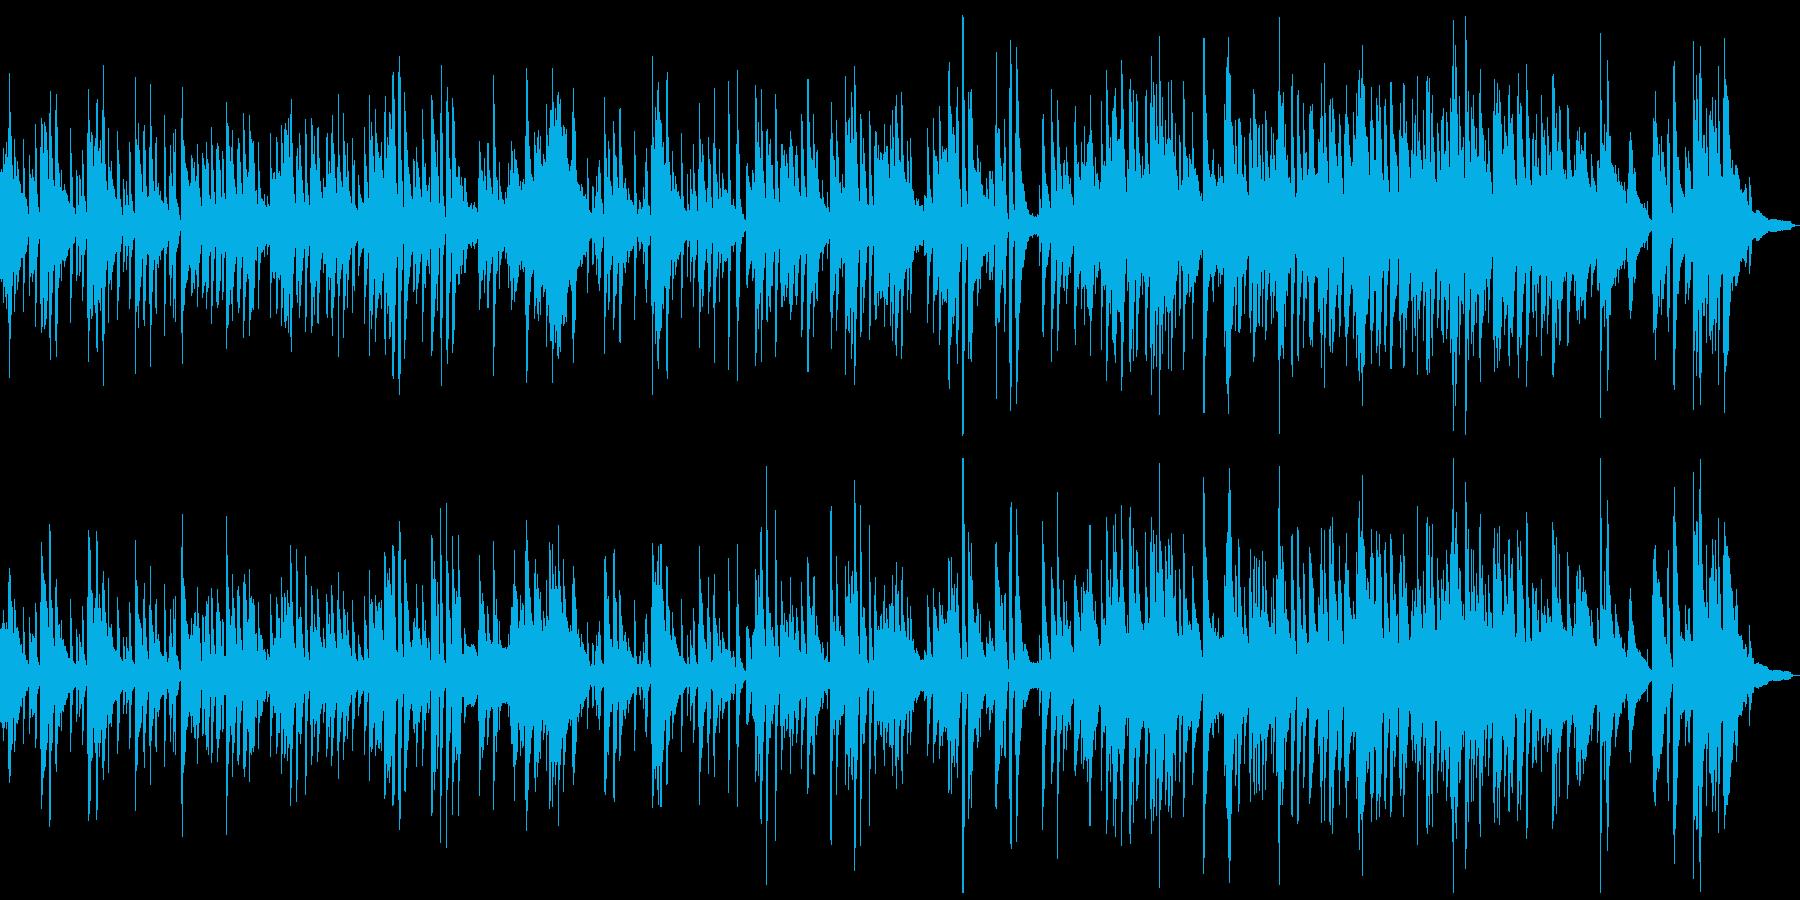 リラックスしたアコースティックメロディの再生済みの波形